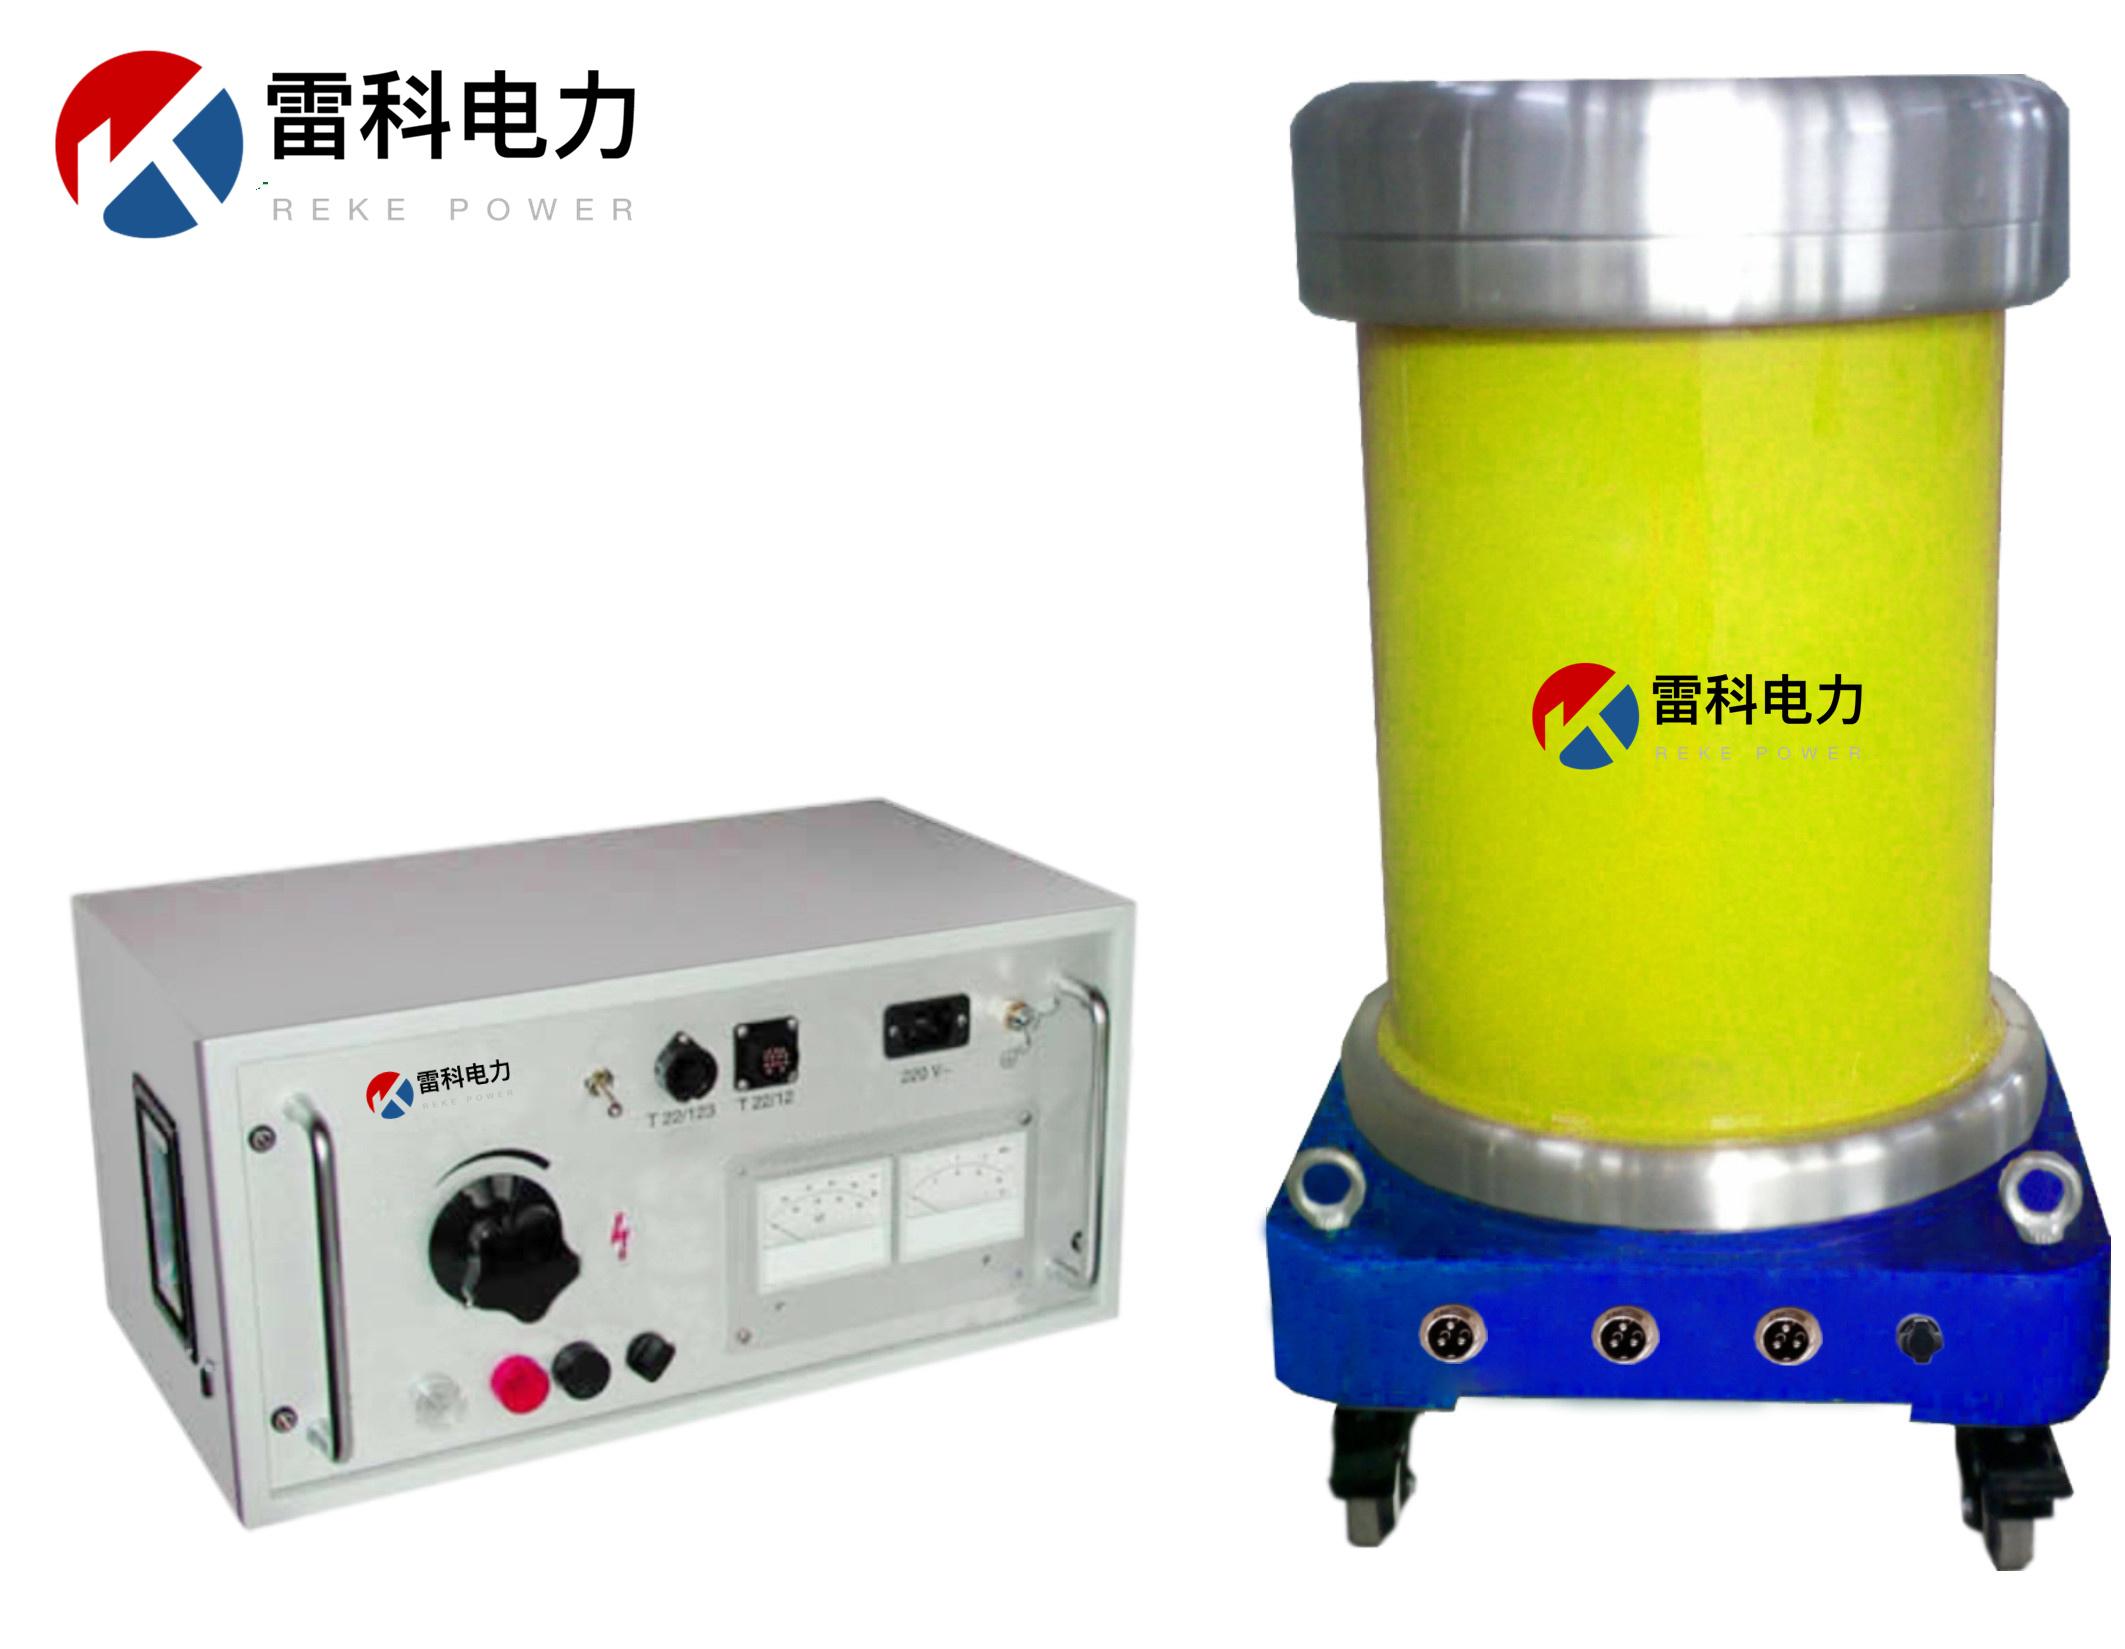 Reke5550工频无局放试验设备成套系统